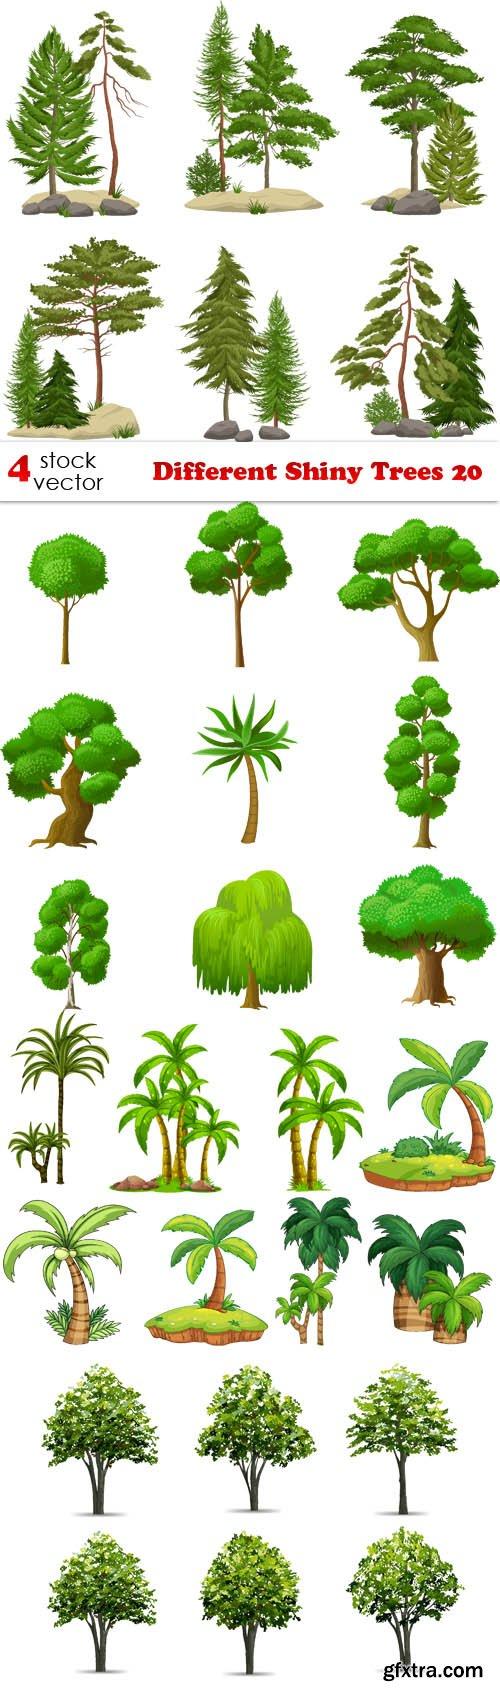 Vectors - Different Shiny Trees 20